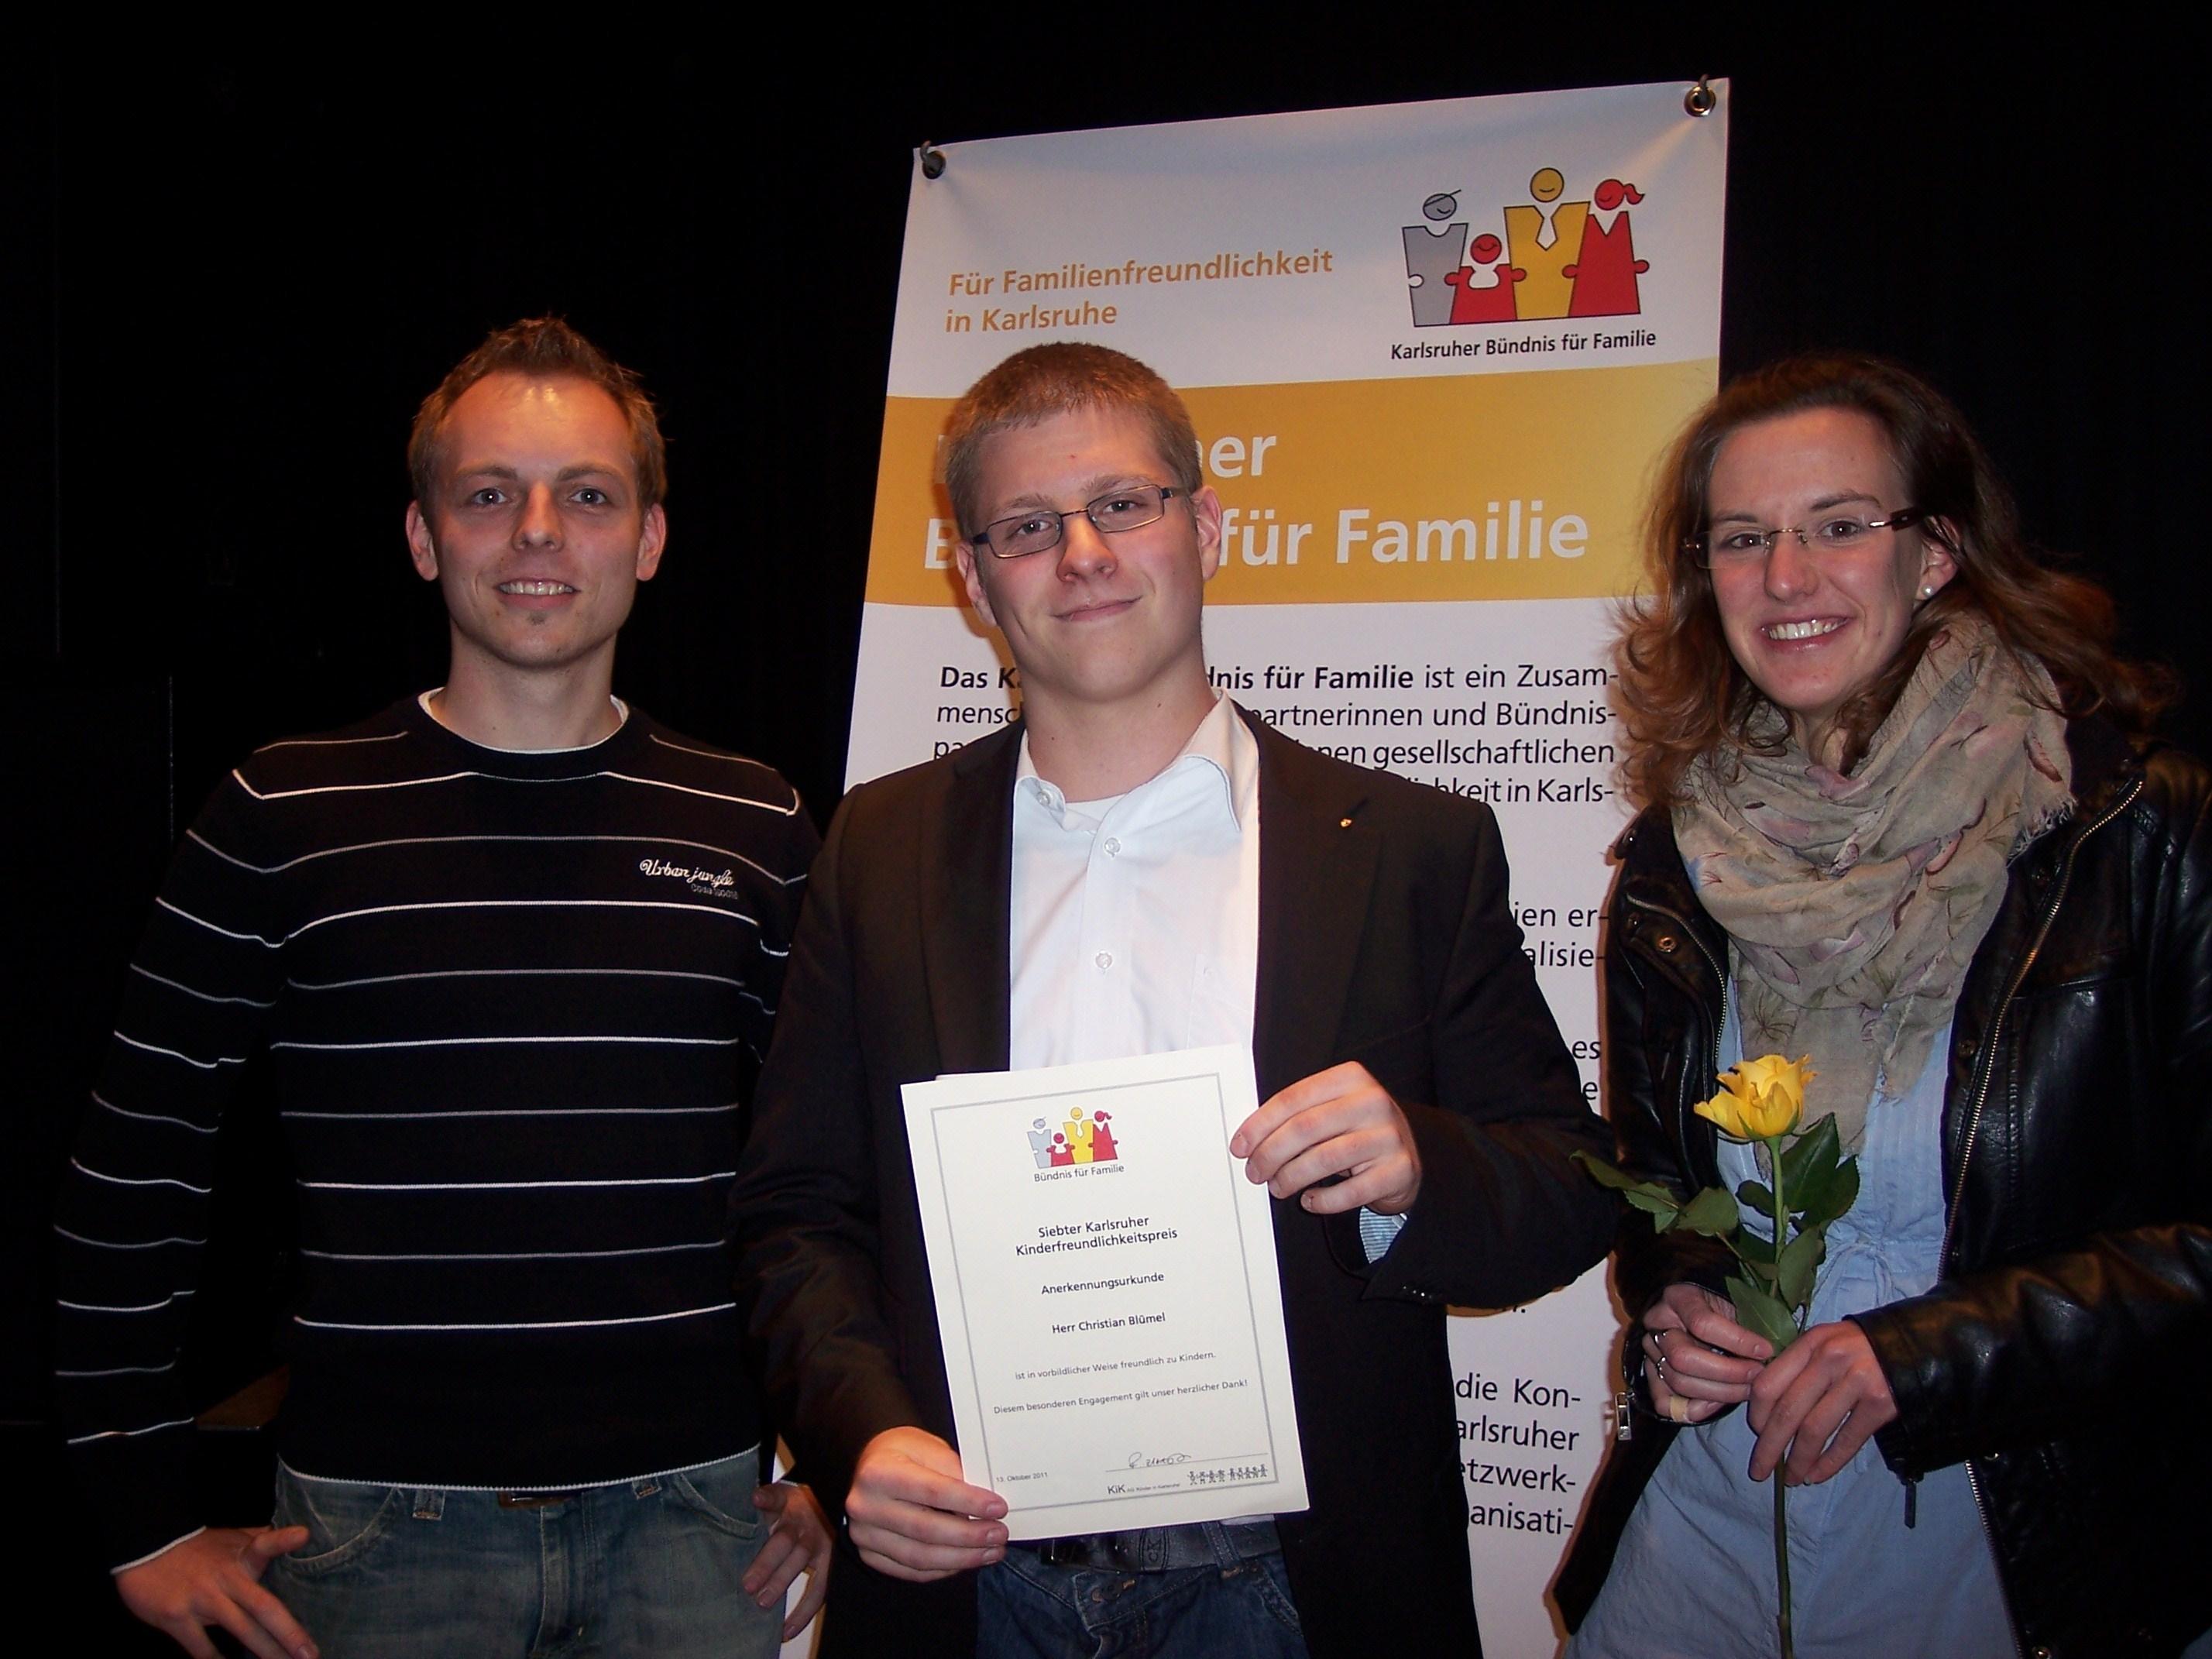 Karlsruher Kinderfreundlichkeitspreis 2011 (3/3)